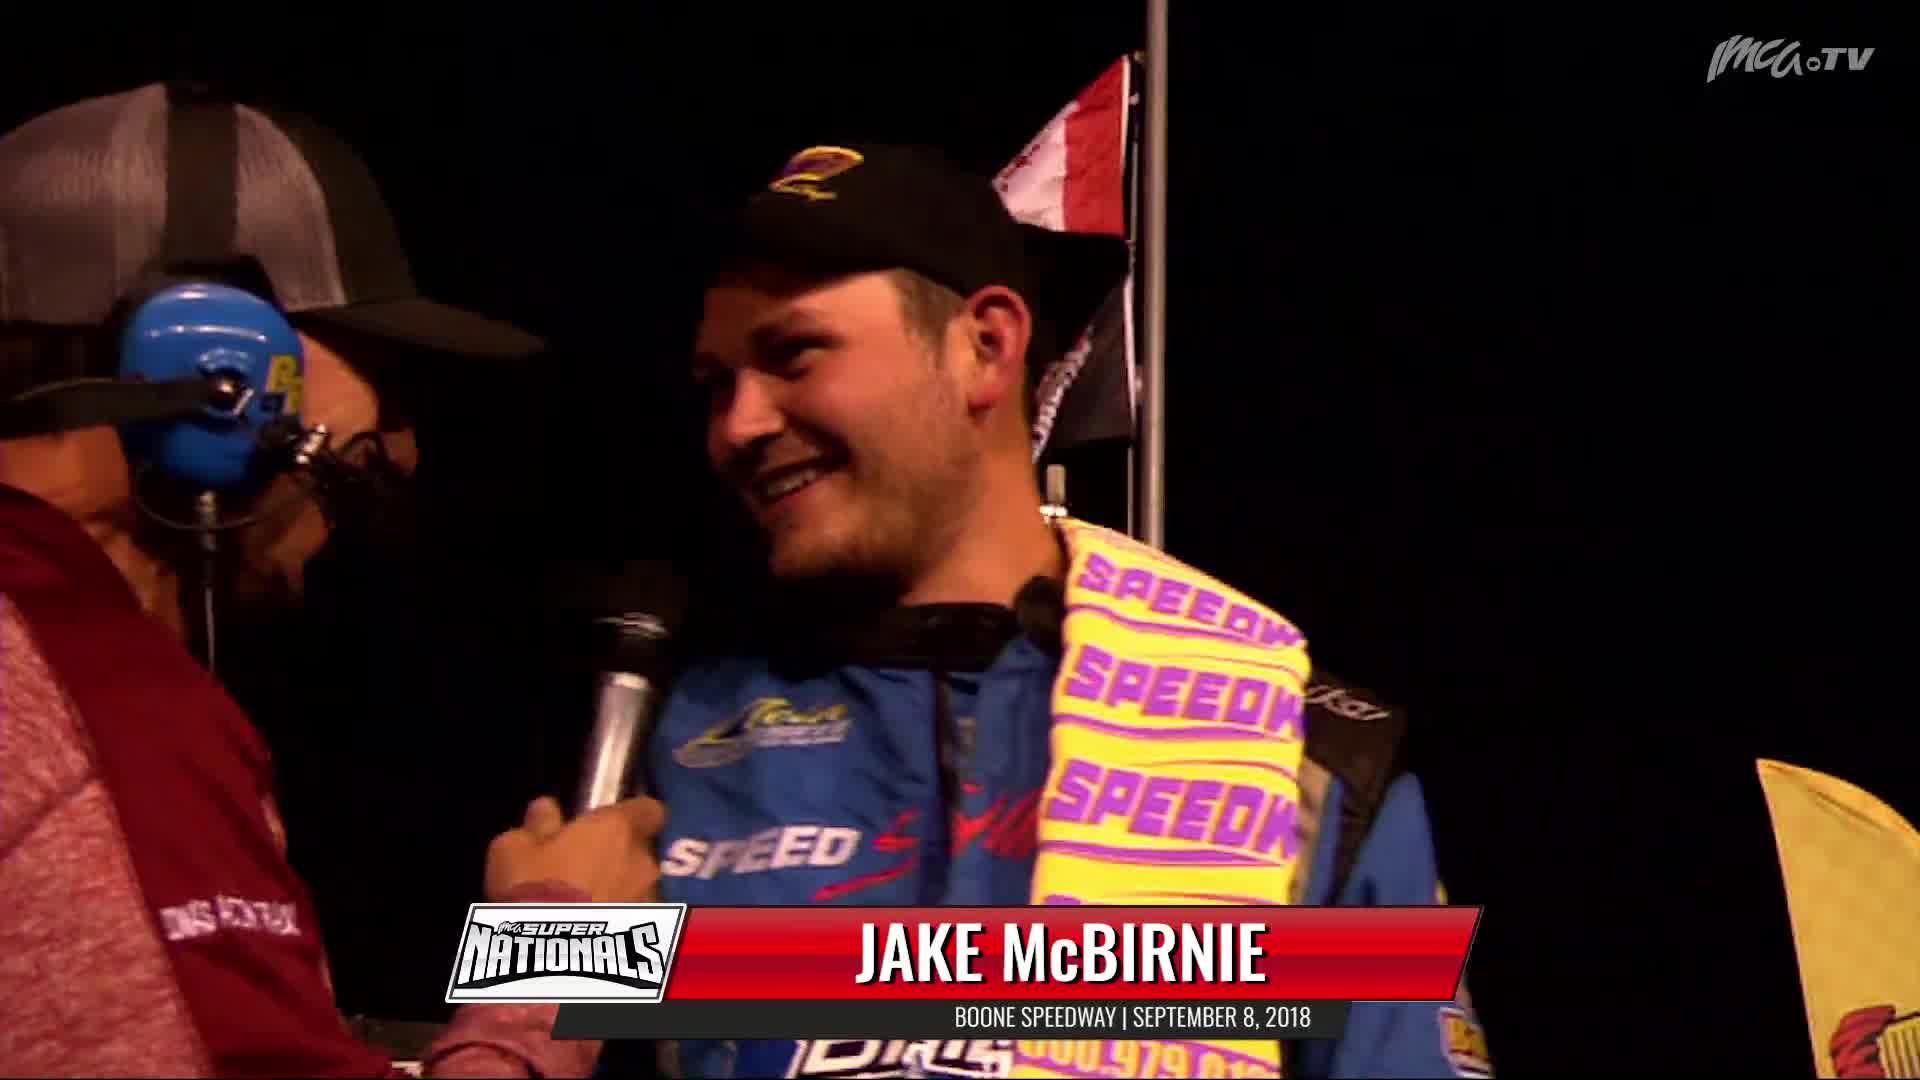 9/8/18 Victory Lane 82 Jake McBirnie Boone Speedway